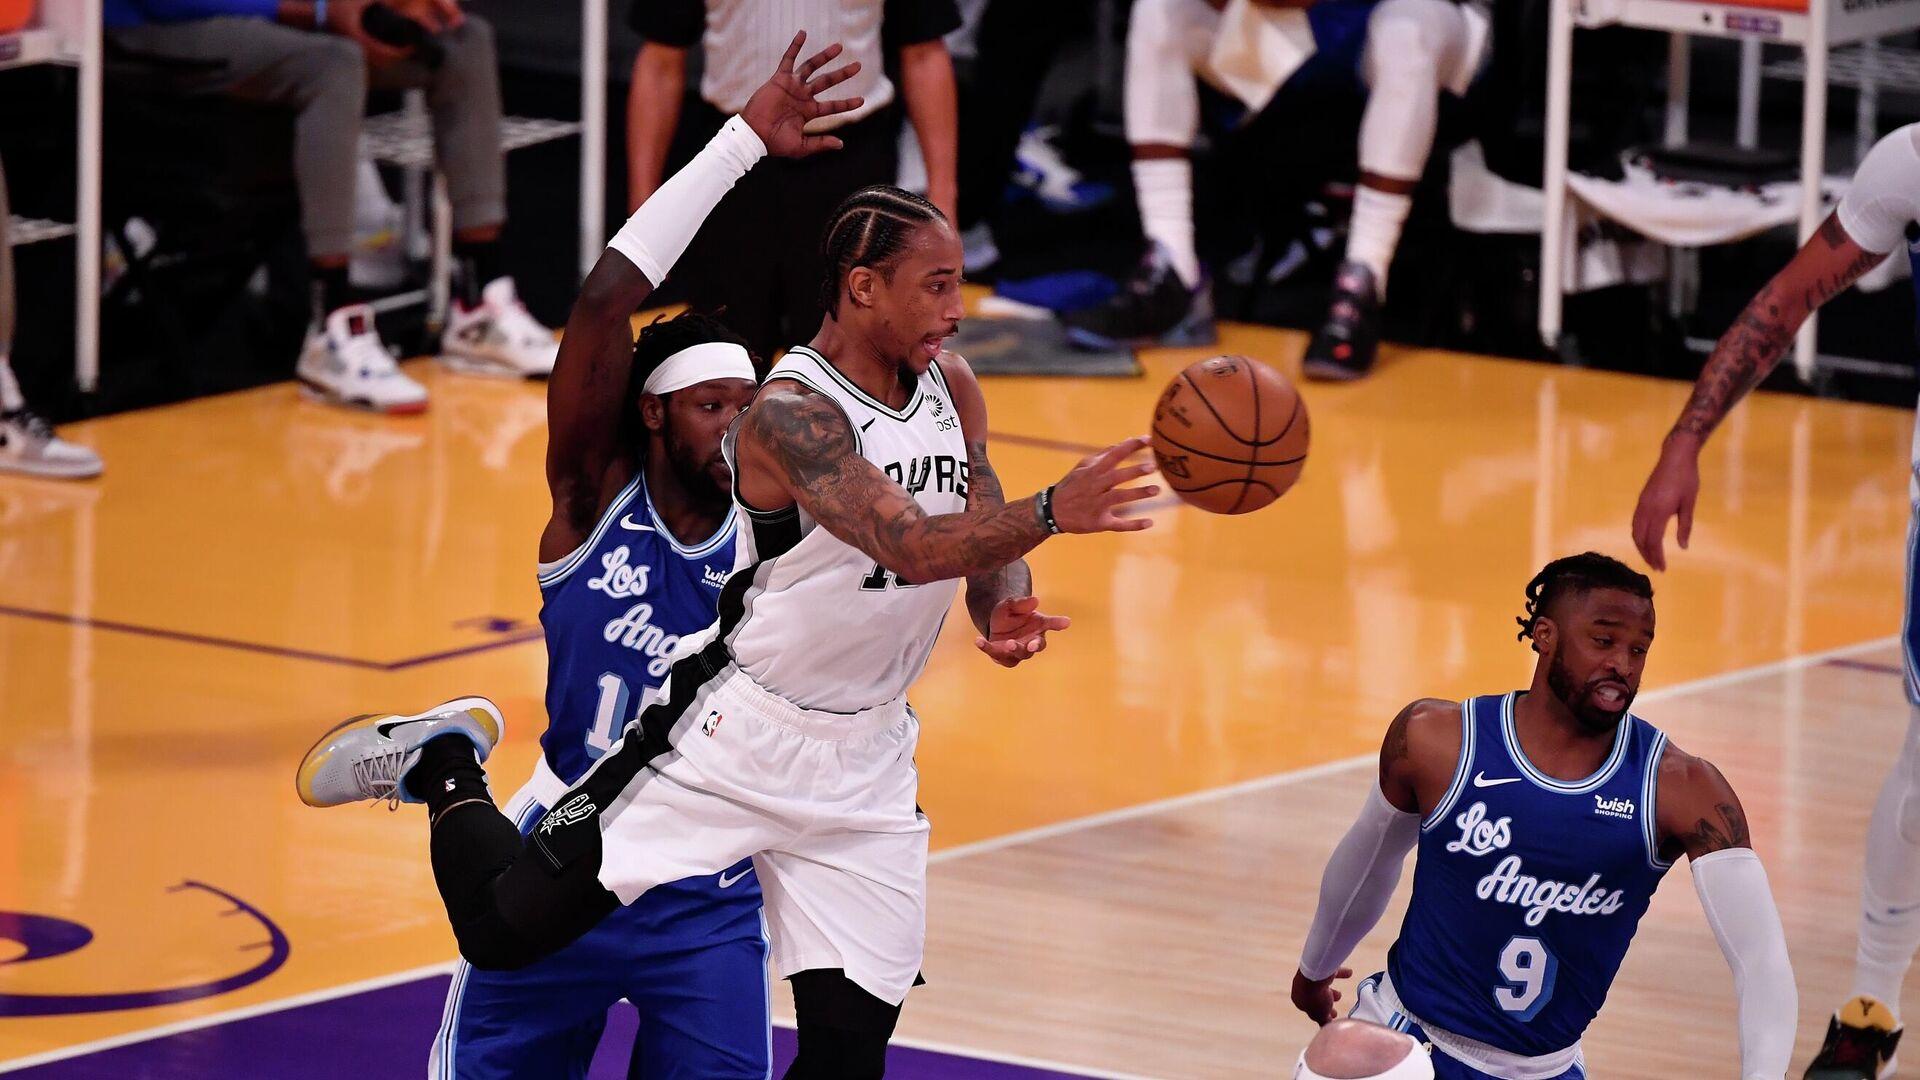 Матч НБА между командами Лос-Анджелес Лейкерс и Сан-Антонио Спёрс - РИА Новости, 1920, 08.01.2021